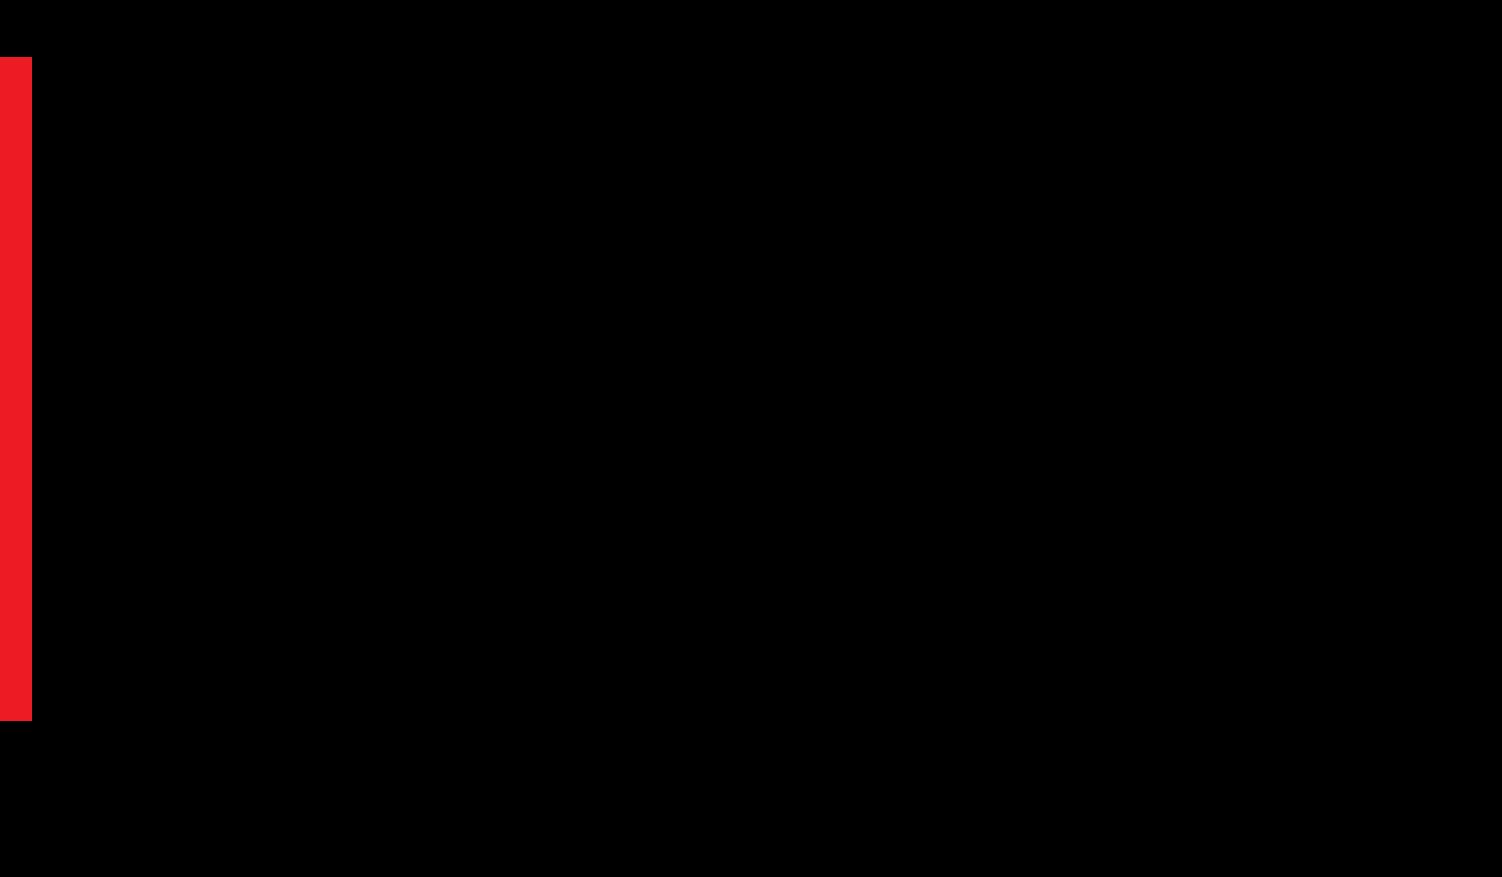 dora-xiaomi-logo-teknosafari